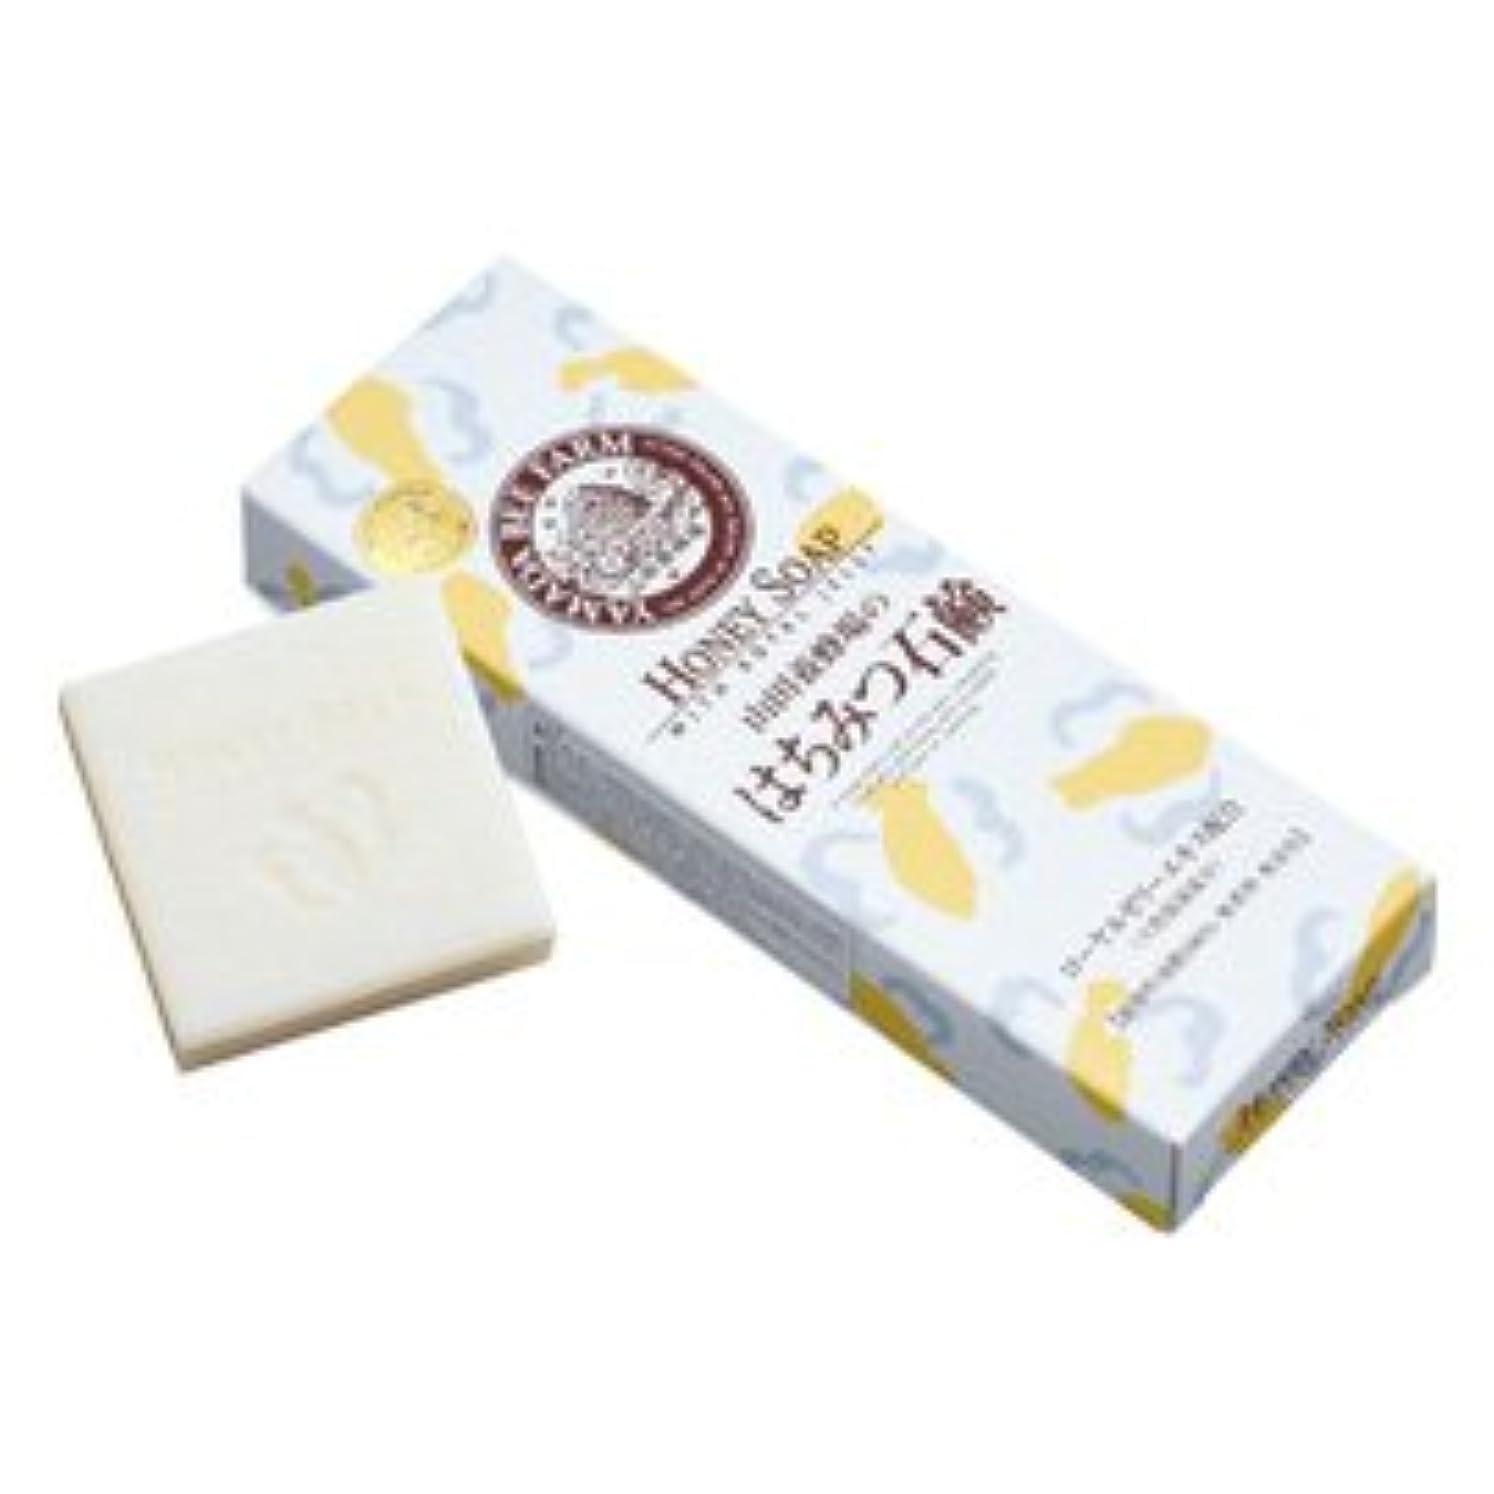 突然ピンチ鉱石はちみつ石鹸 60g×3個入/Honey Soap